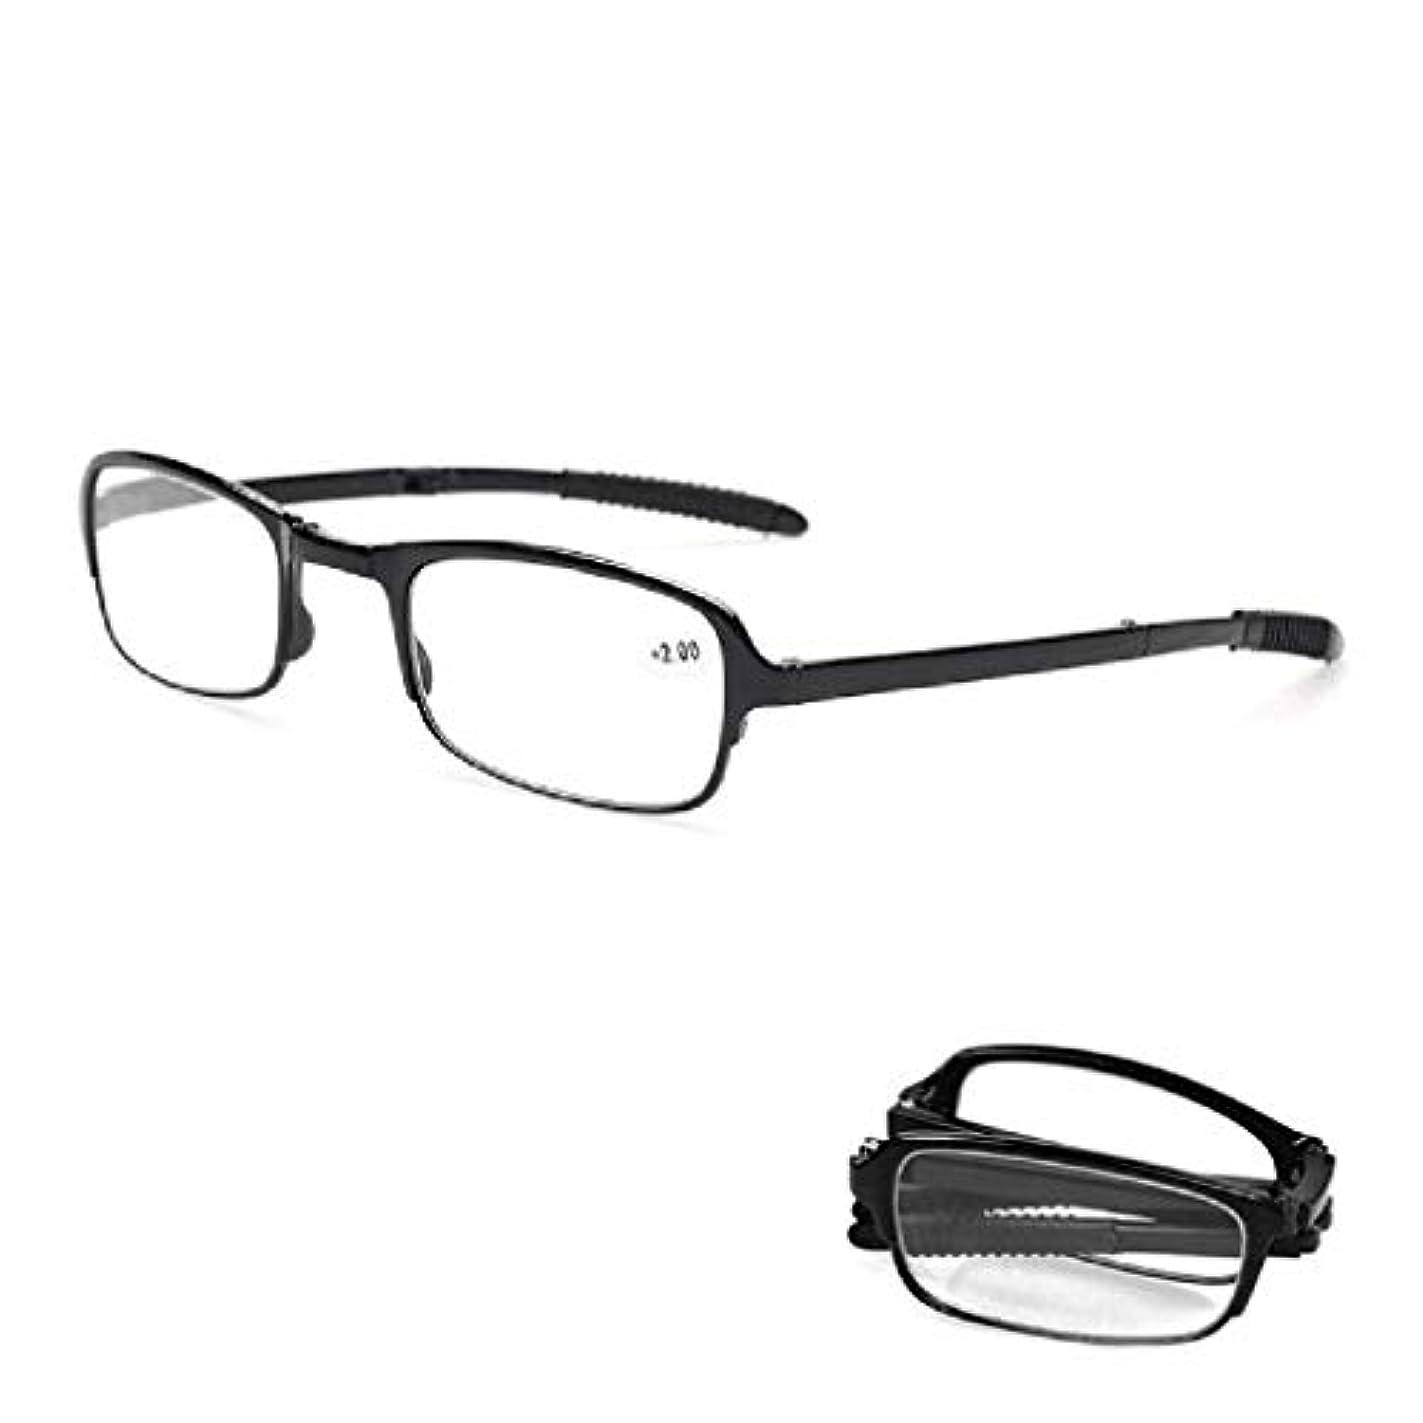 ファイター物理的な番号インテリジェント老眼鏡 老眼鏡、折りたたみリーダーにはメガネケース、TR90フレームコンパクトリーダー、市販の男女兼用老眼鏡、HDビジョン/シリコンノーズパッド/アンチスキッドミラーフィートが含まれます